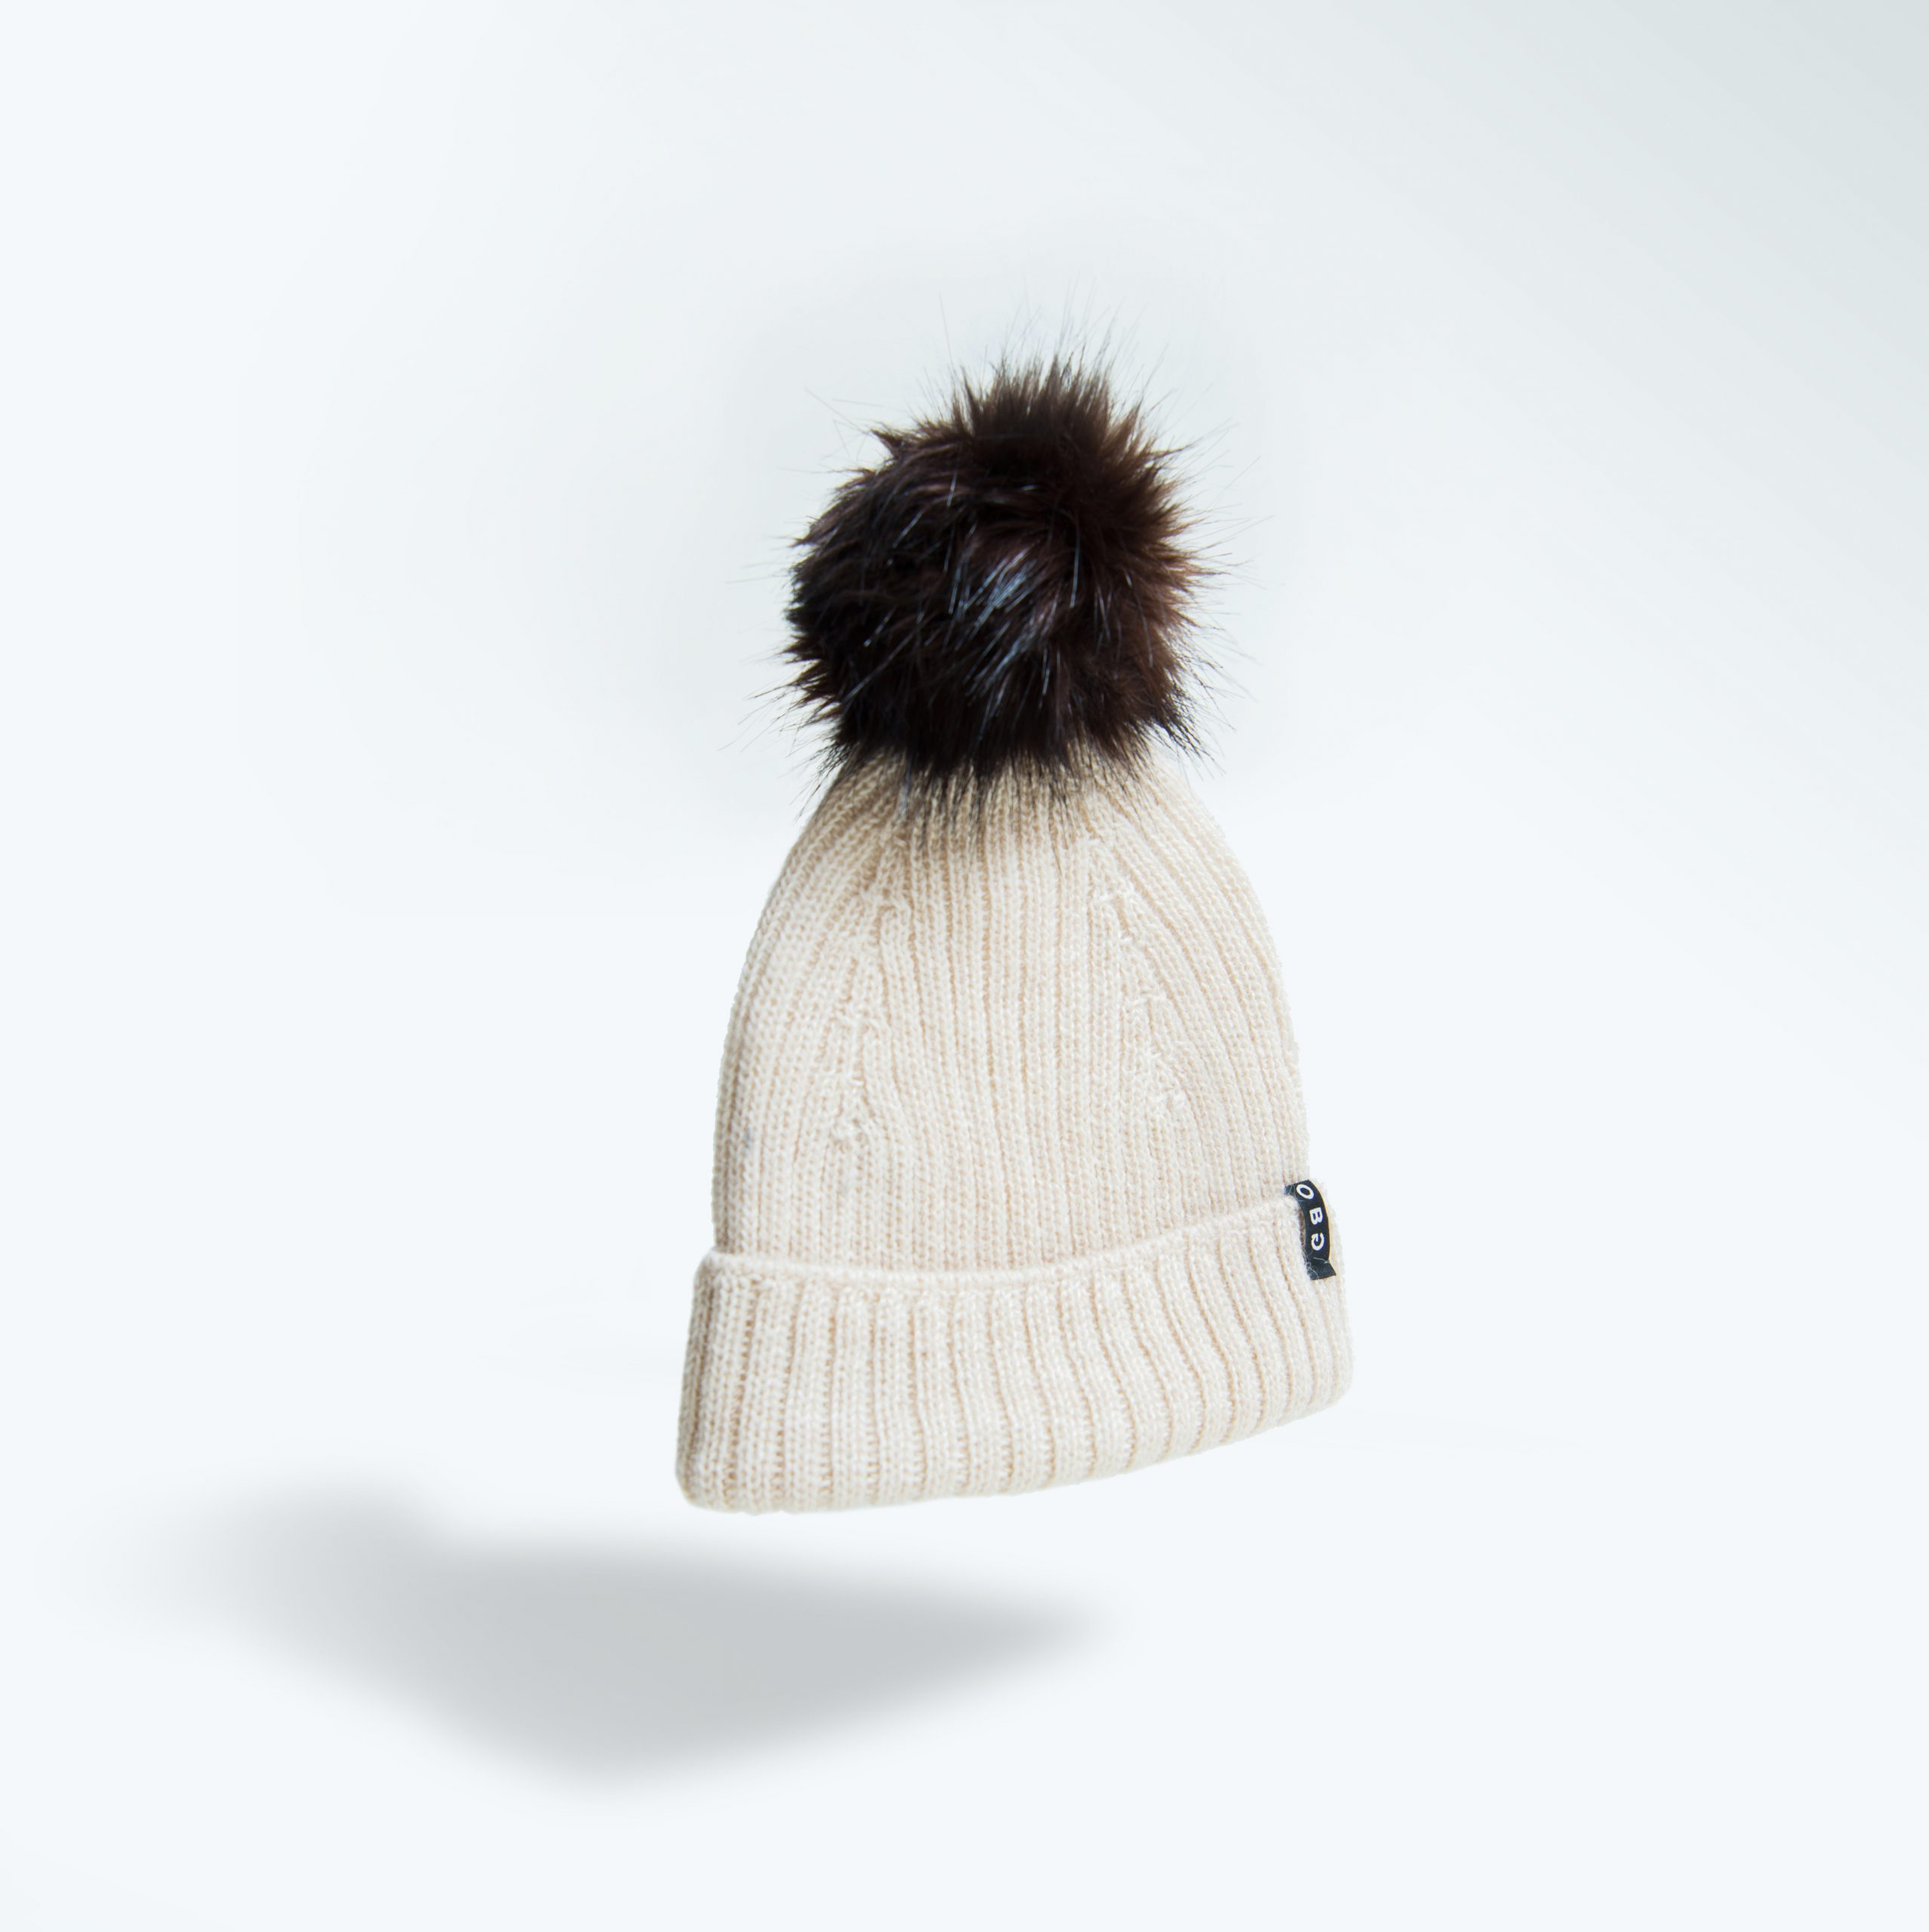 100% alpaca wool hat with pom pom